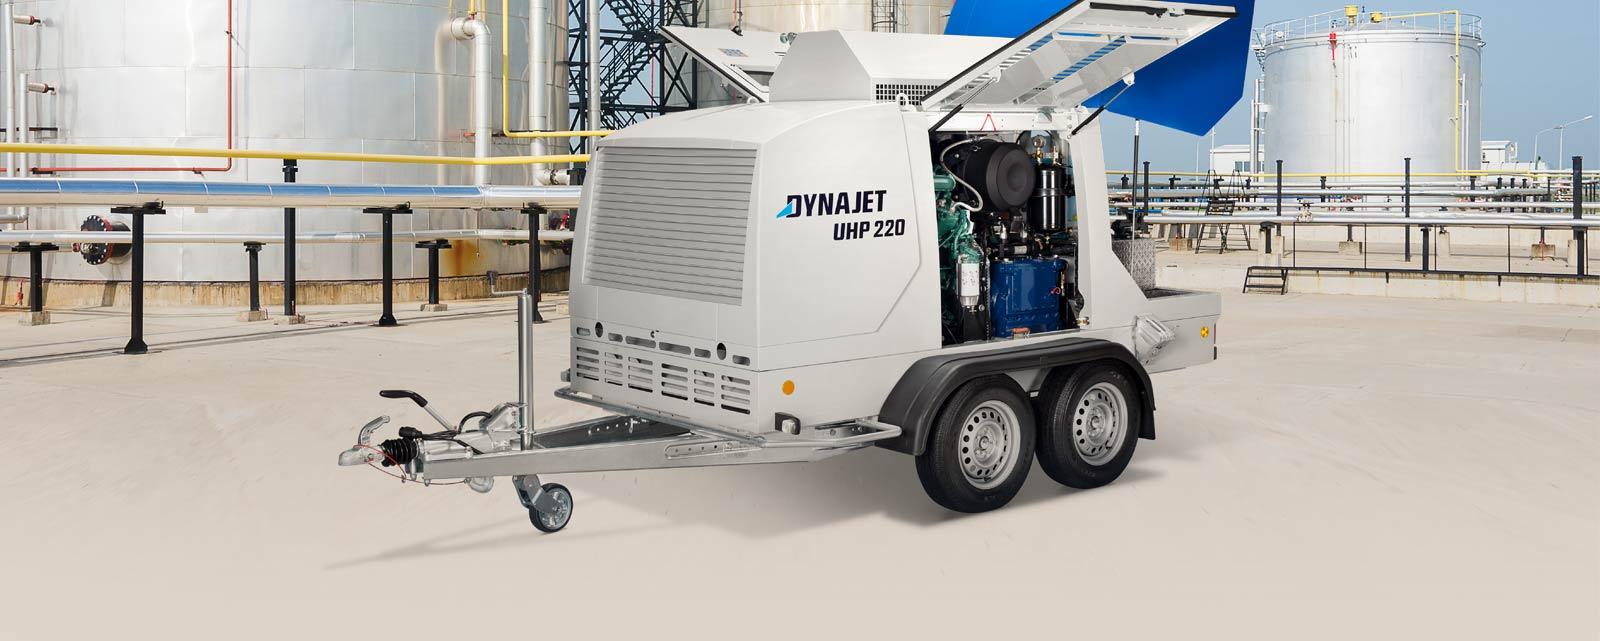 Avec DYNAJET, les installations industrielles sont nettoyées particulièrement rapidement et à haute pression